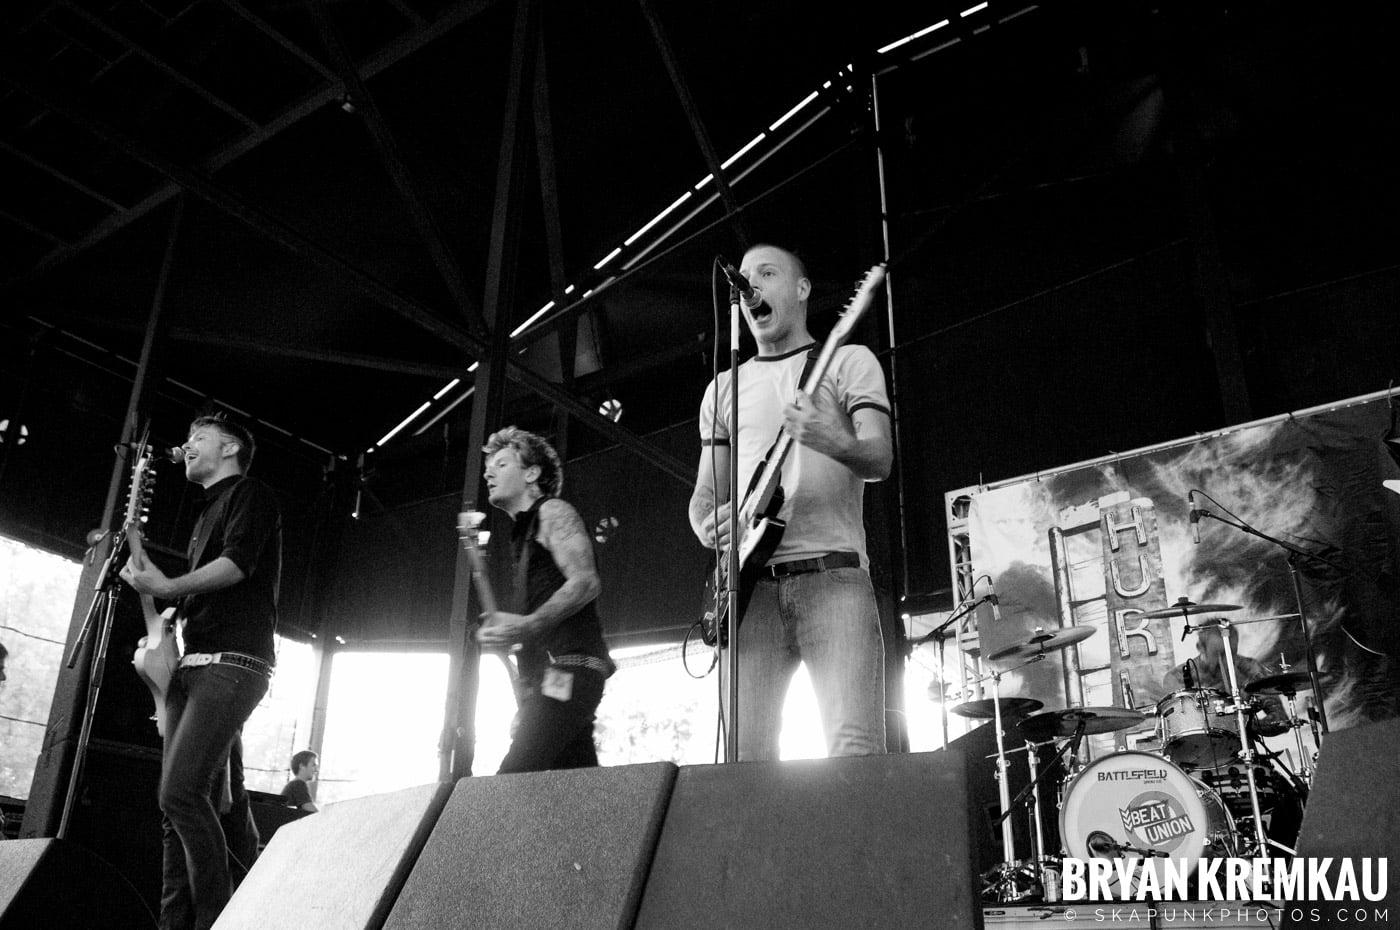 Beat Union @ Warped Tour 08, Scranton PA - 7.27.08 (3)